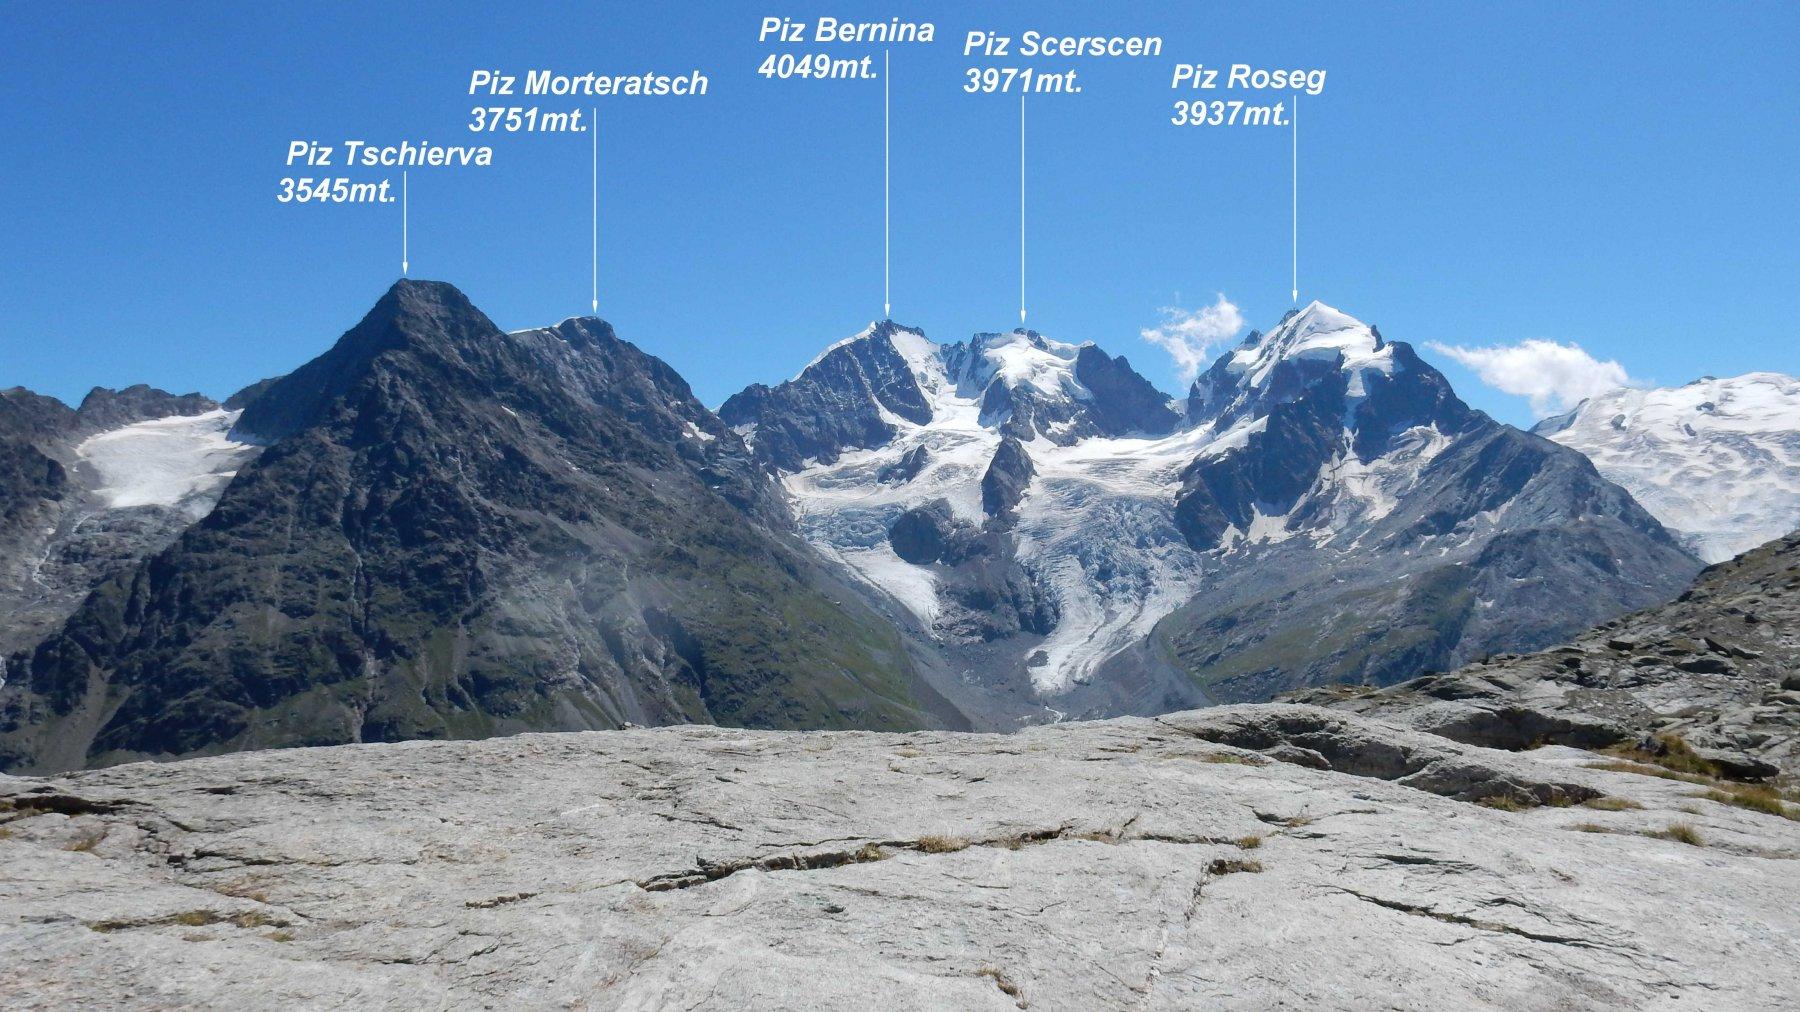 Panorama dalla Fuorcla Surlej 2755mt. sul Gruppo Bernina.